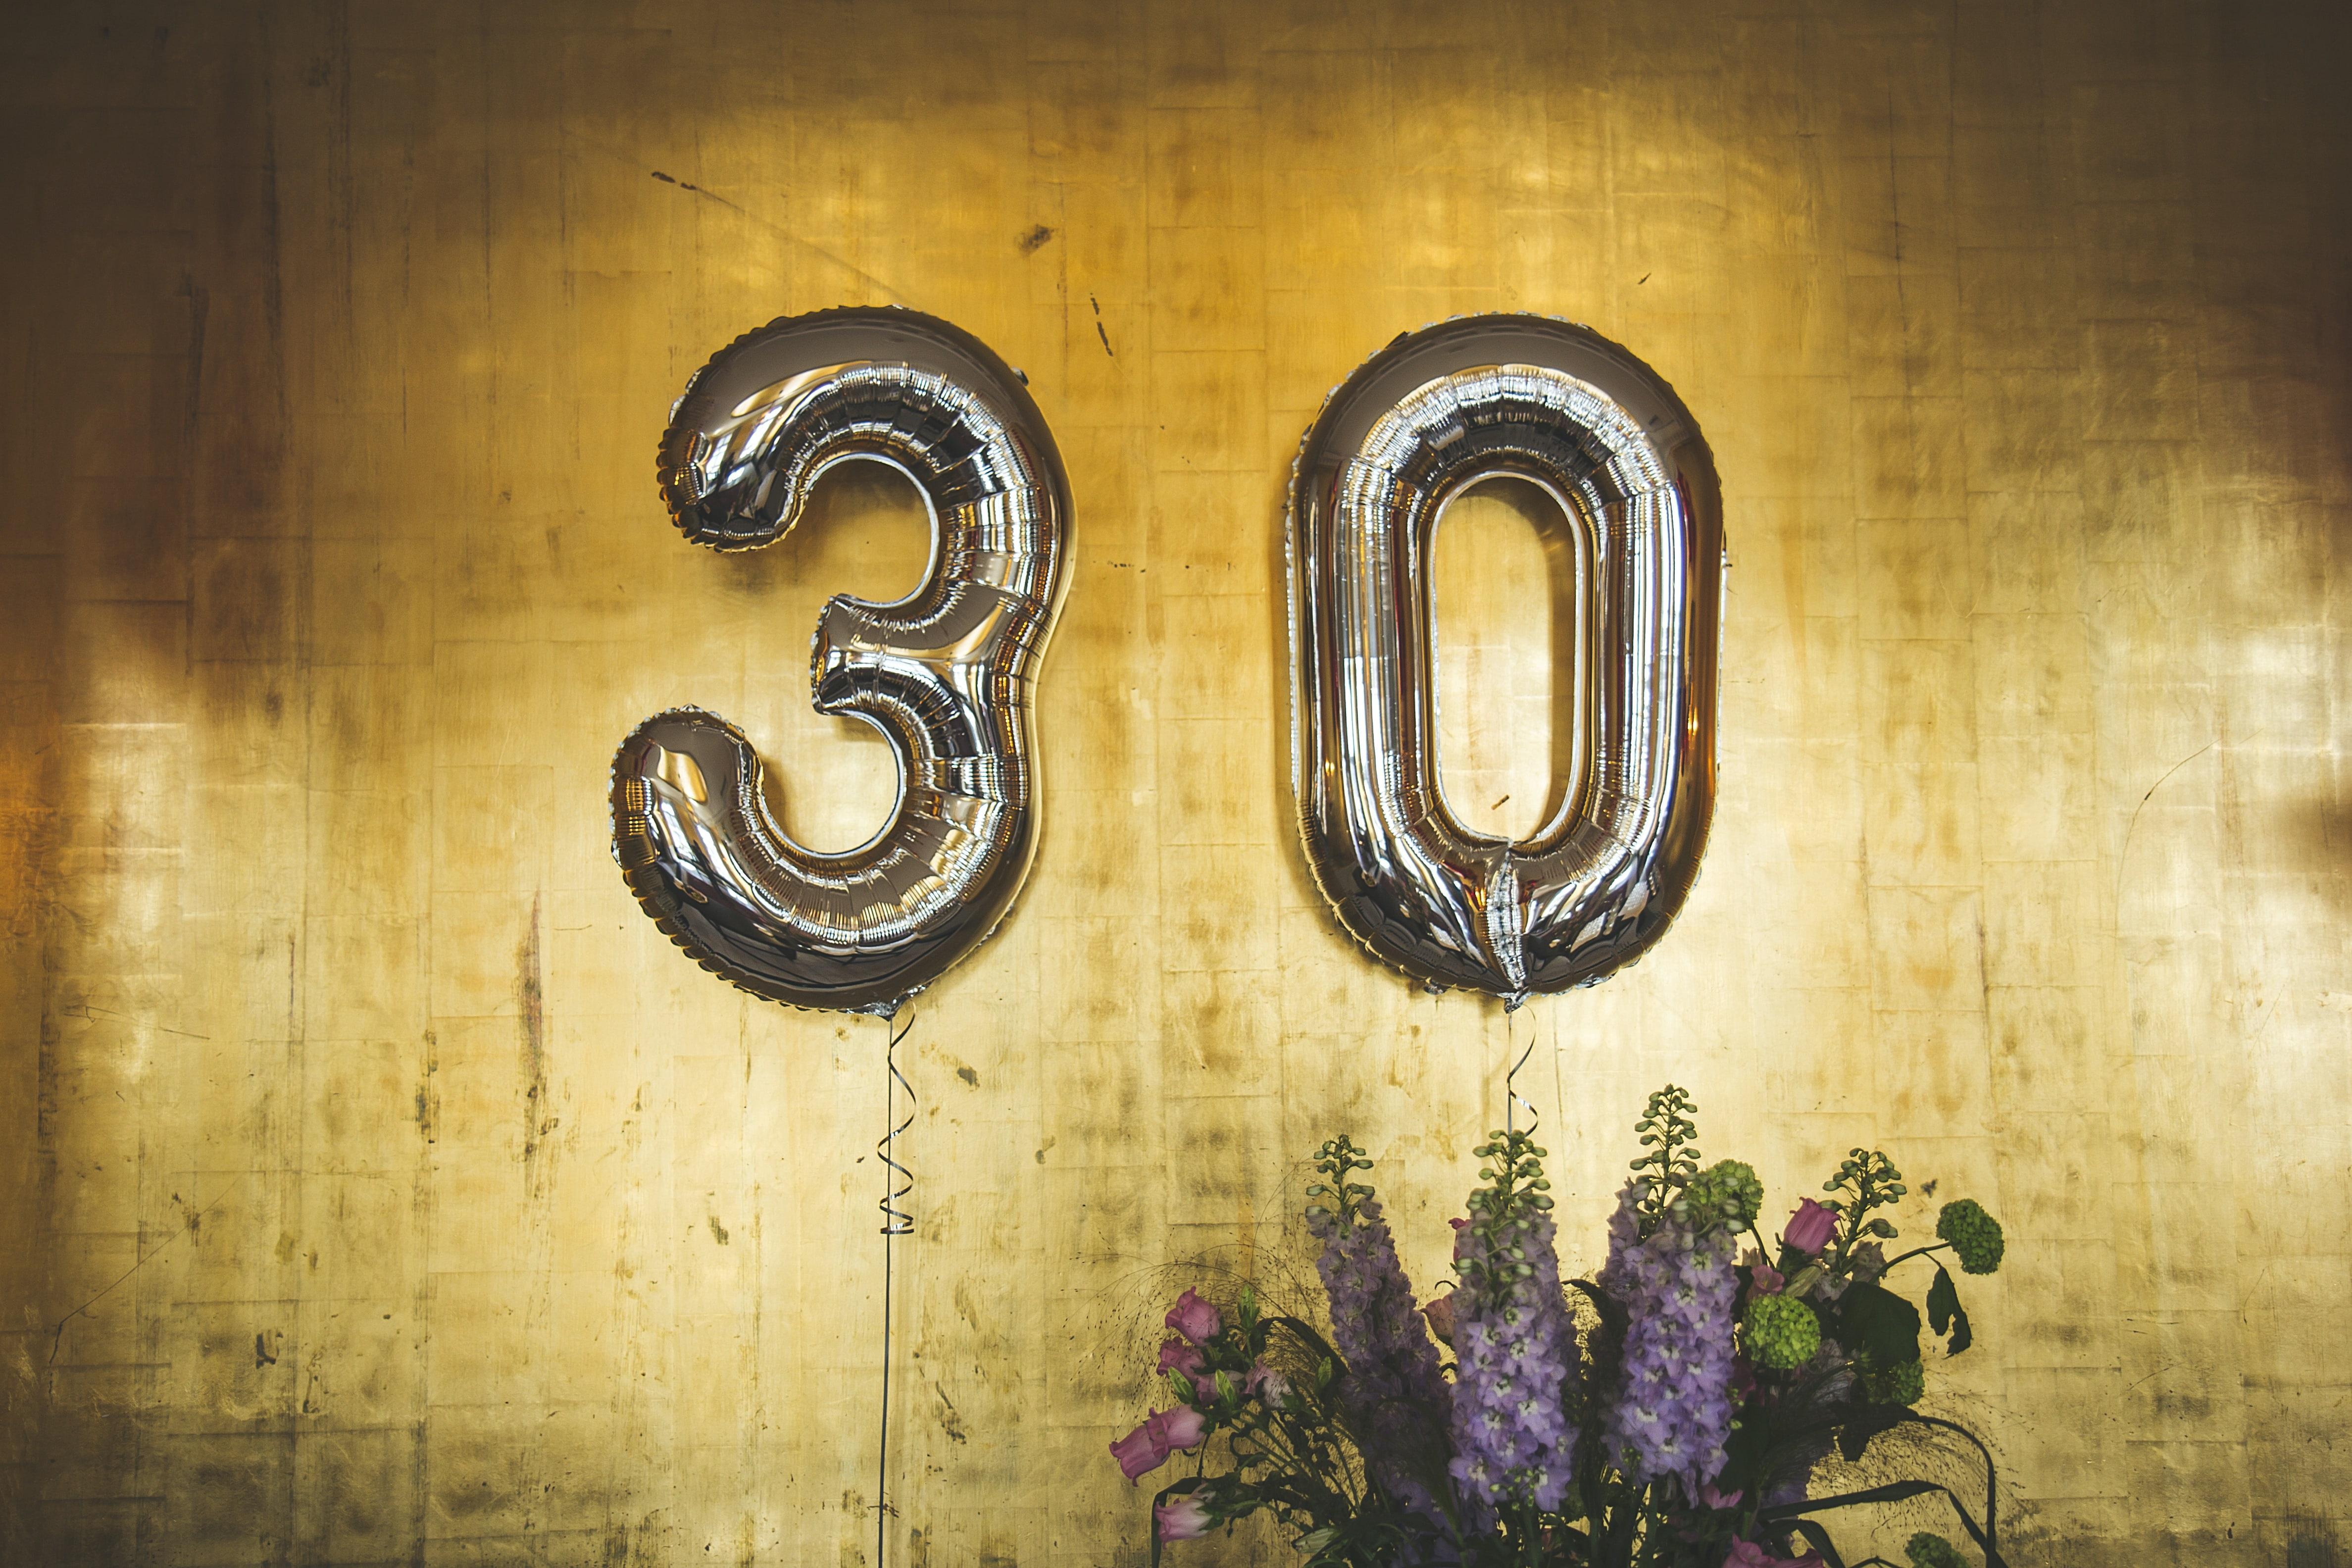 Celebrating 30 Years of WHVP Thumbnail